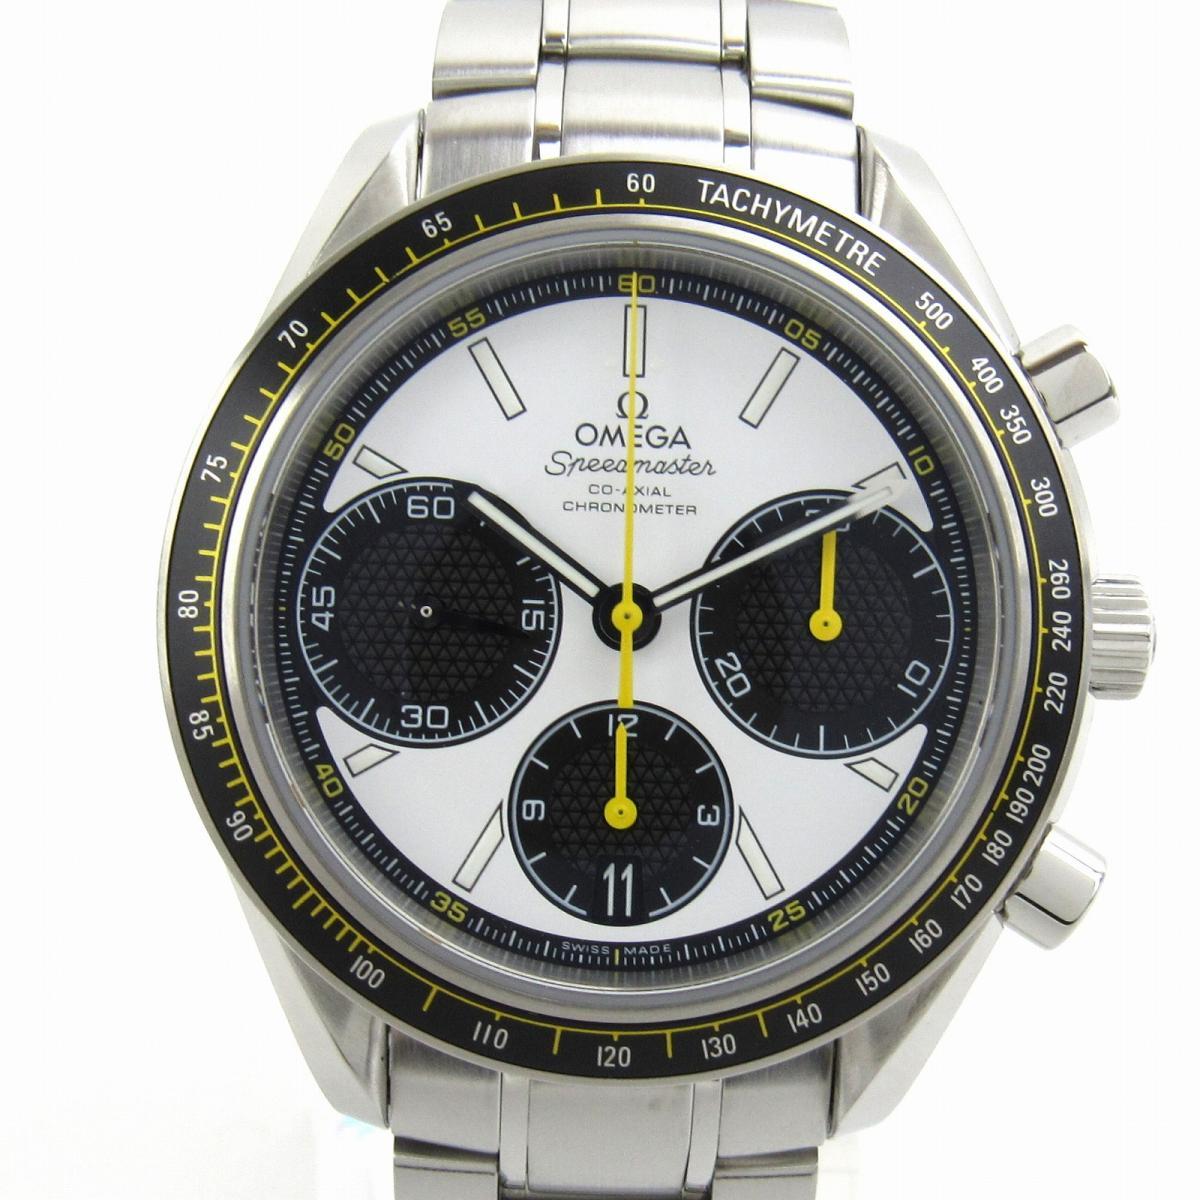 【中古】 オメガ スピードマスター レーシング ウォッチ 腕時計 メンズ ステンレススチール (SS) (326.30.40.50.04.) | OMEGA オートマチック 時計 自動巻き 時計 美品 ブランドオフ